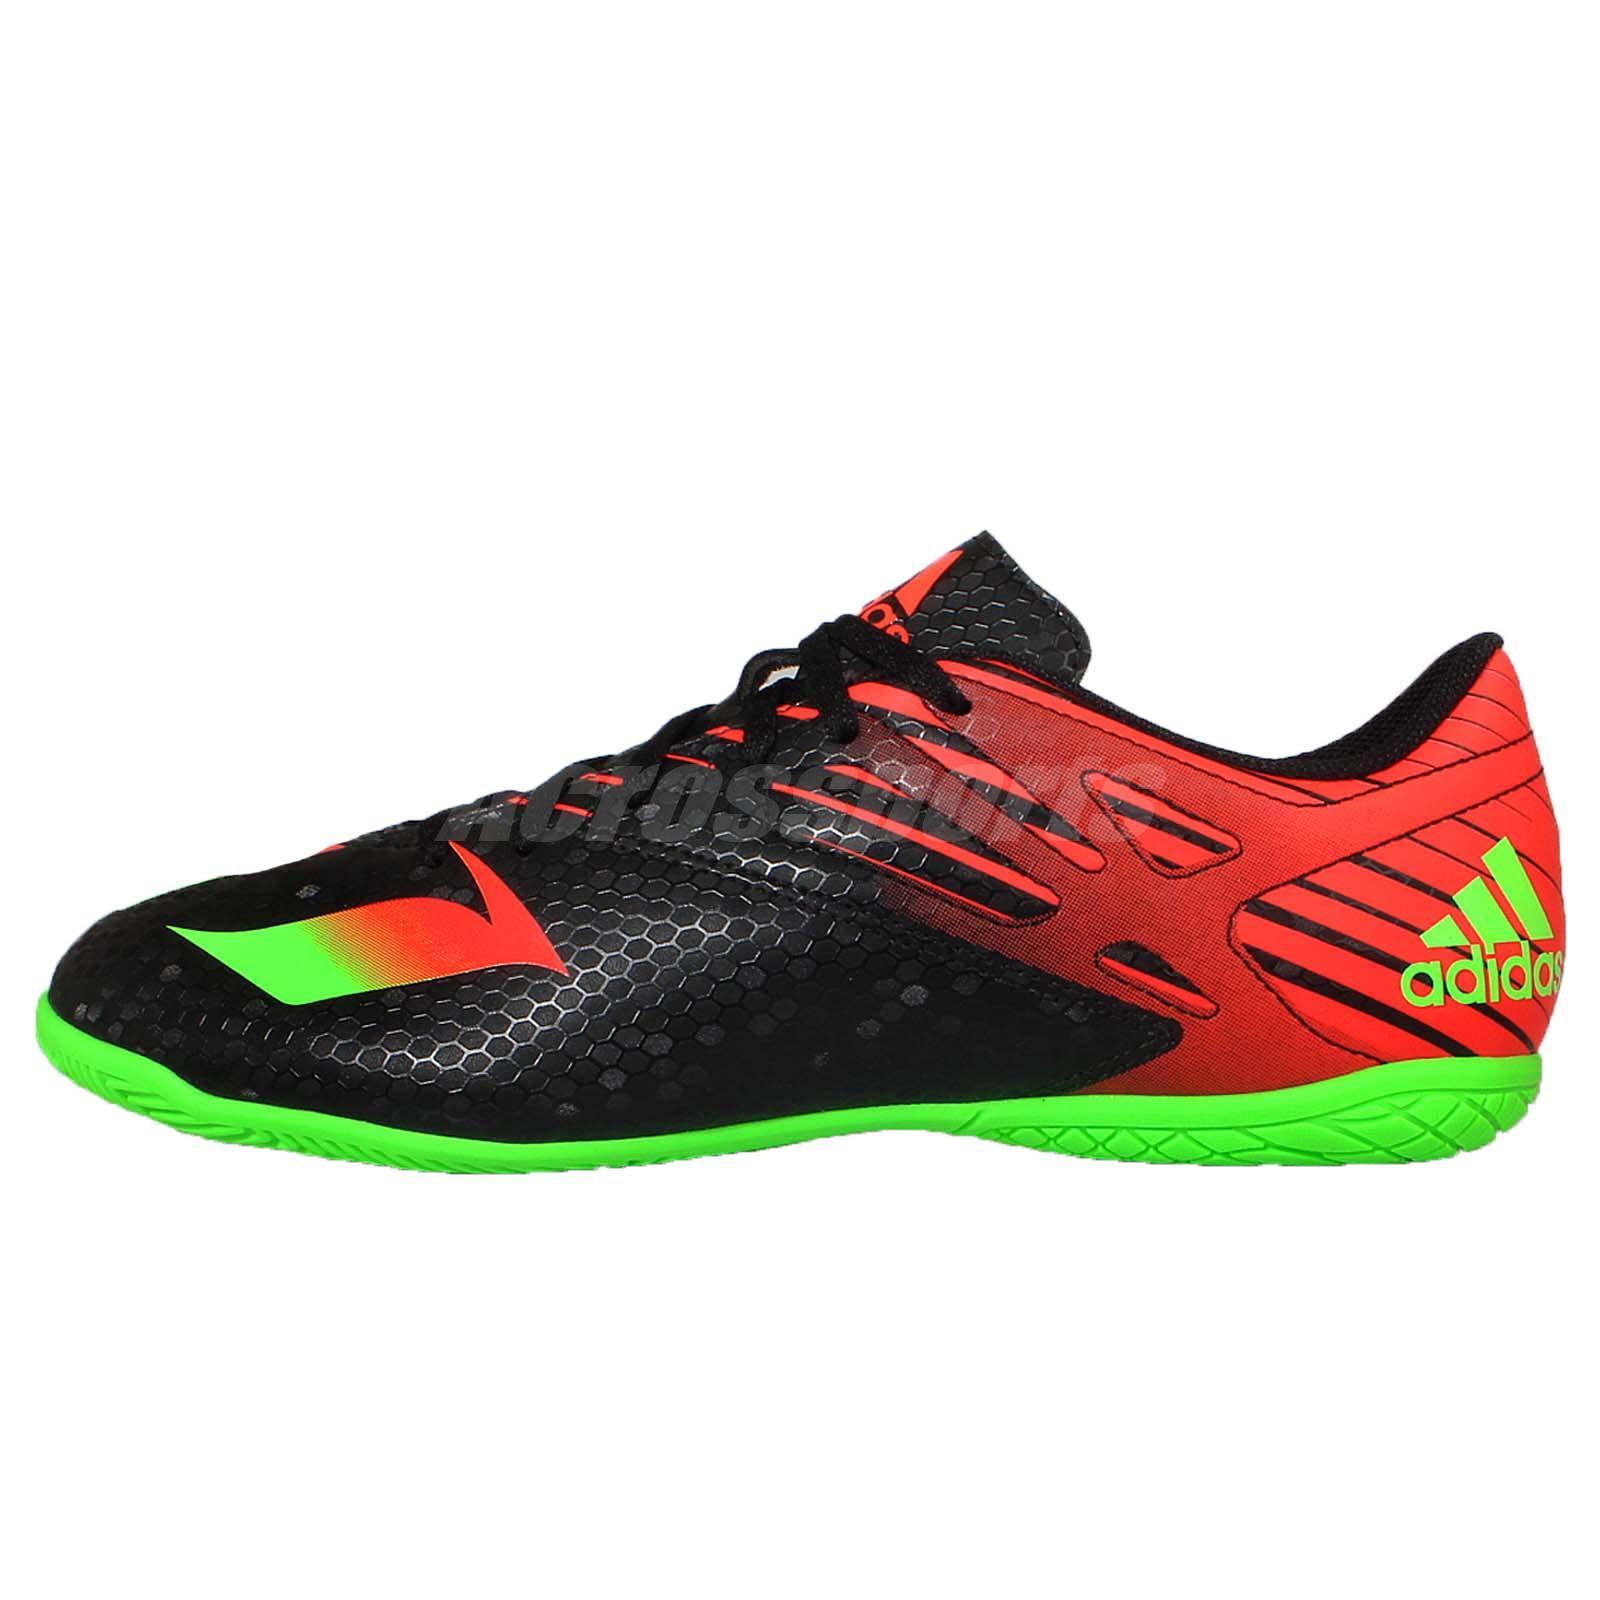 Lionel Messi Shoes No Cleats Size